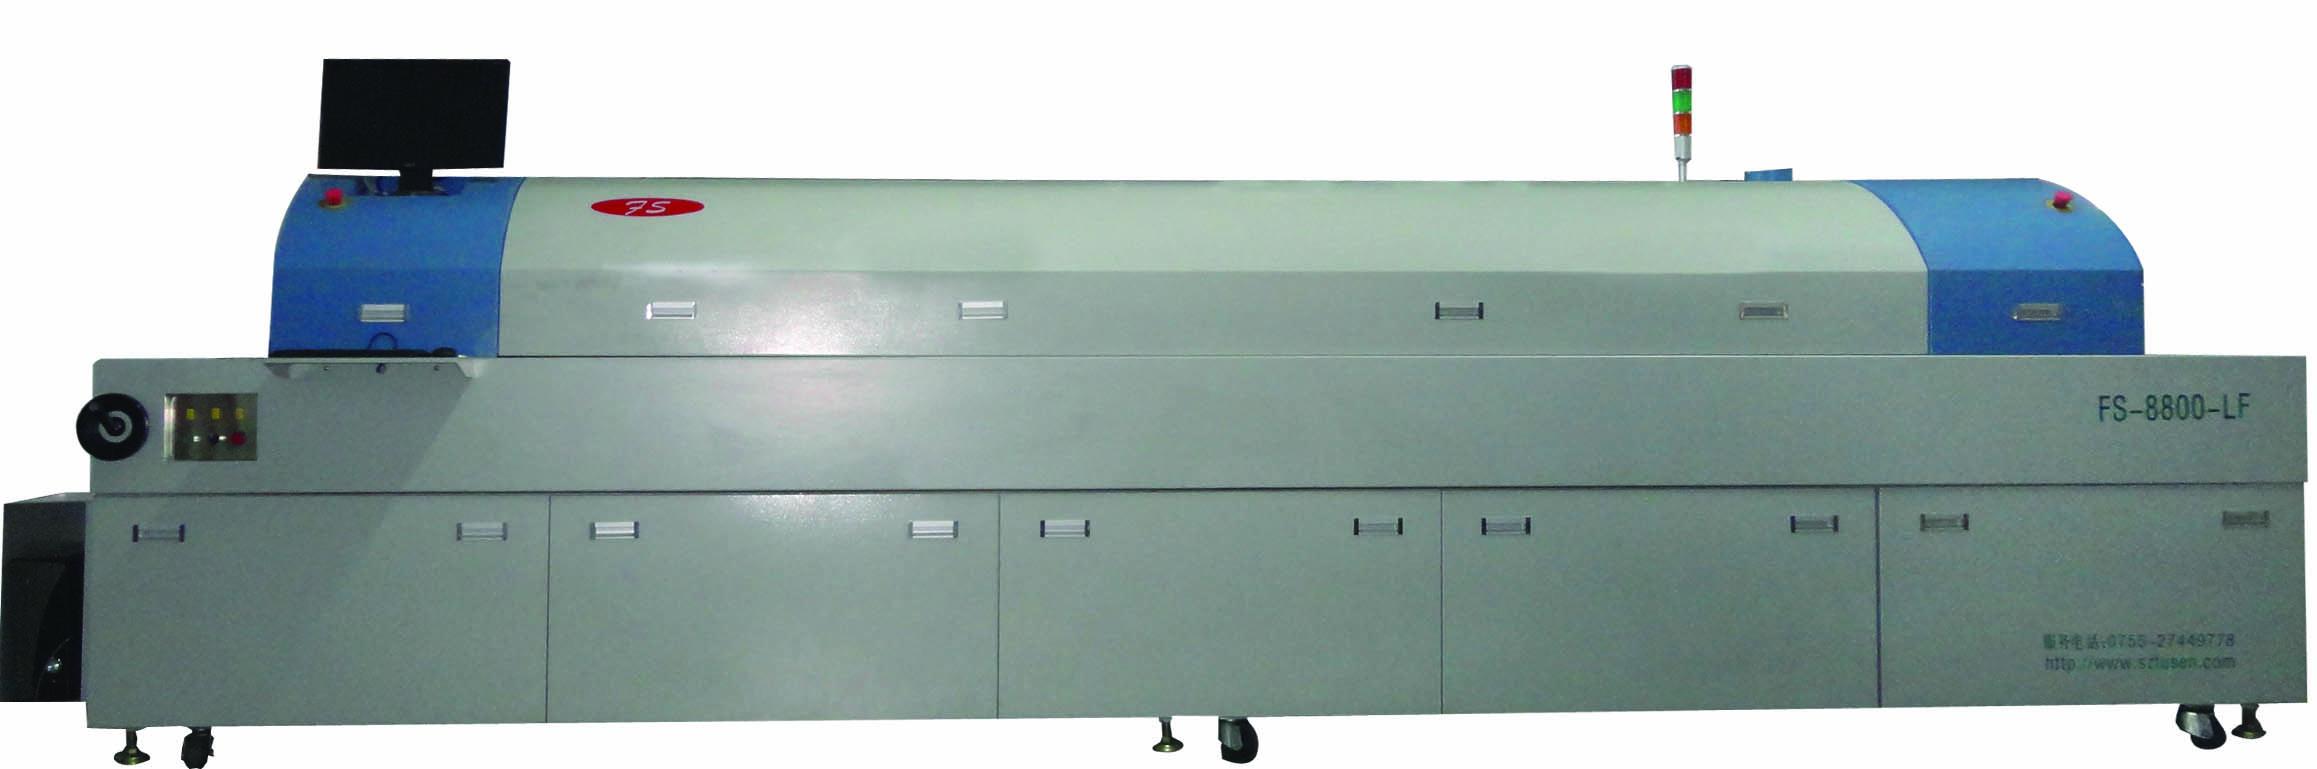 中型八区回流焊FS-8800-LF